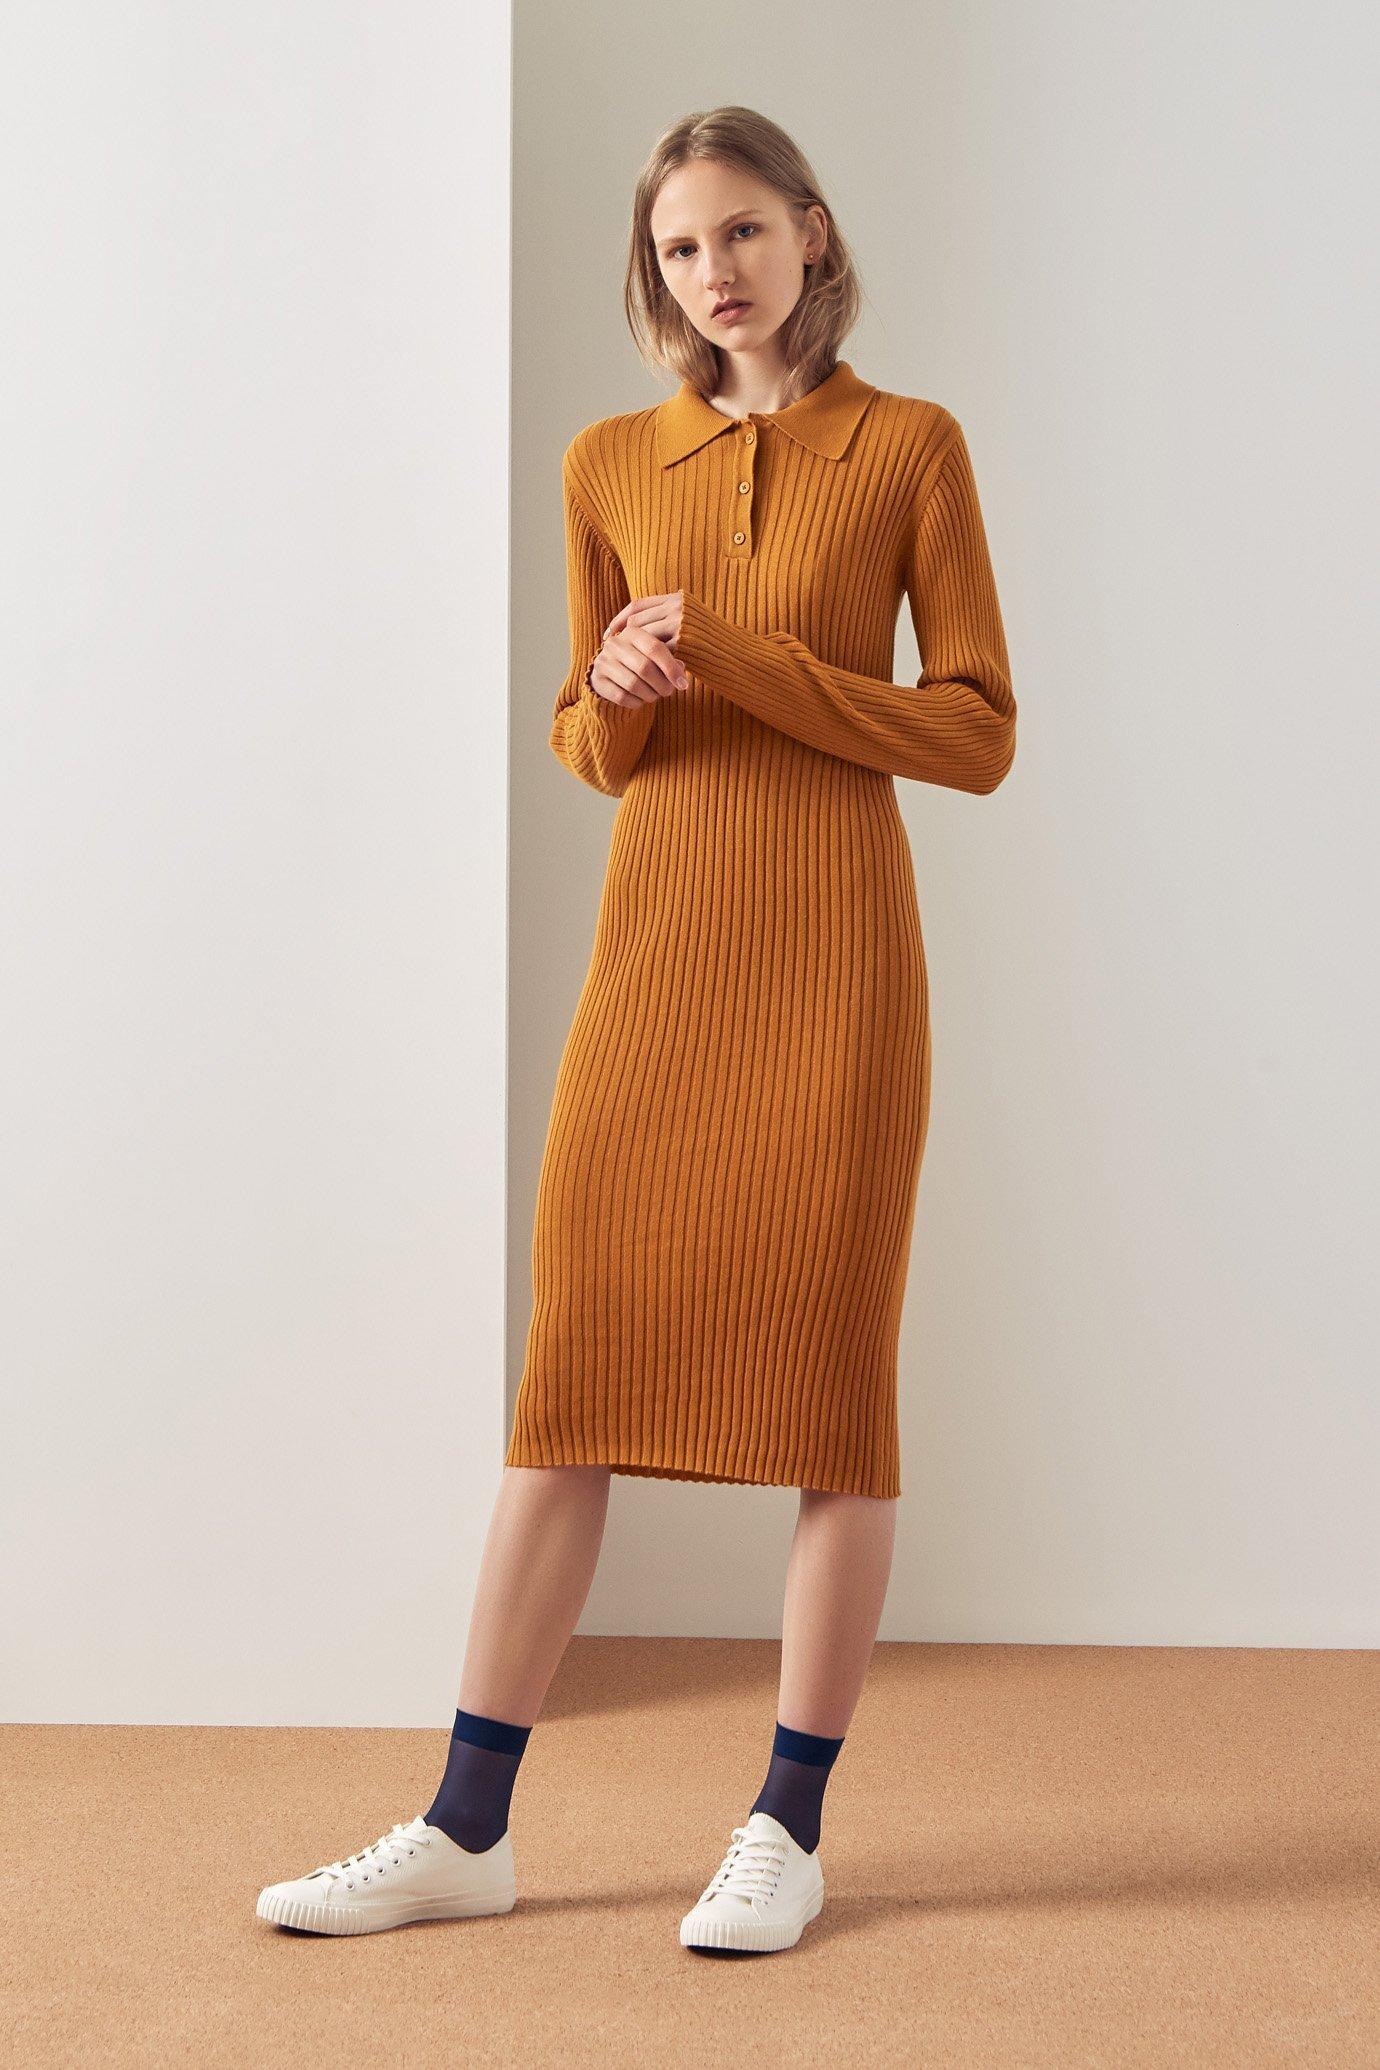 rib_polo_dress-amber-lookbook-1456_800x1200@2x.jpg